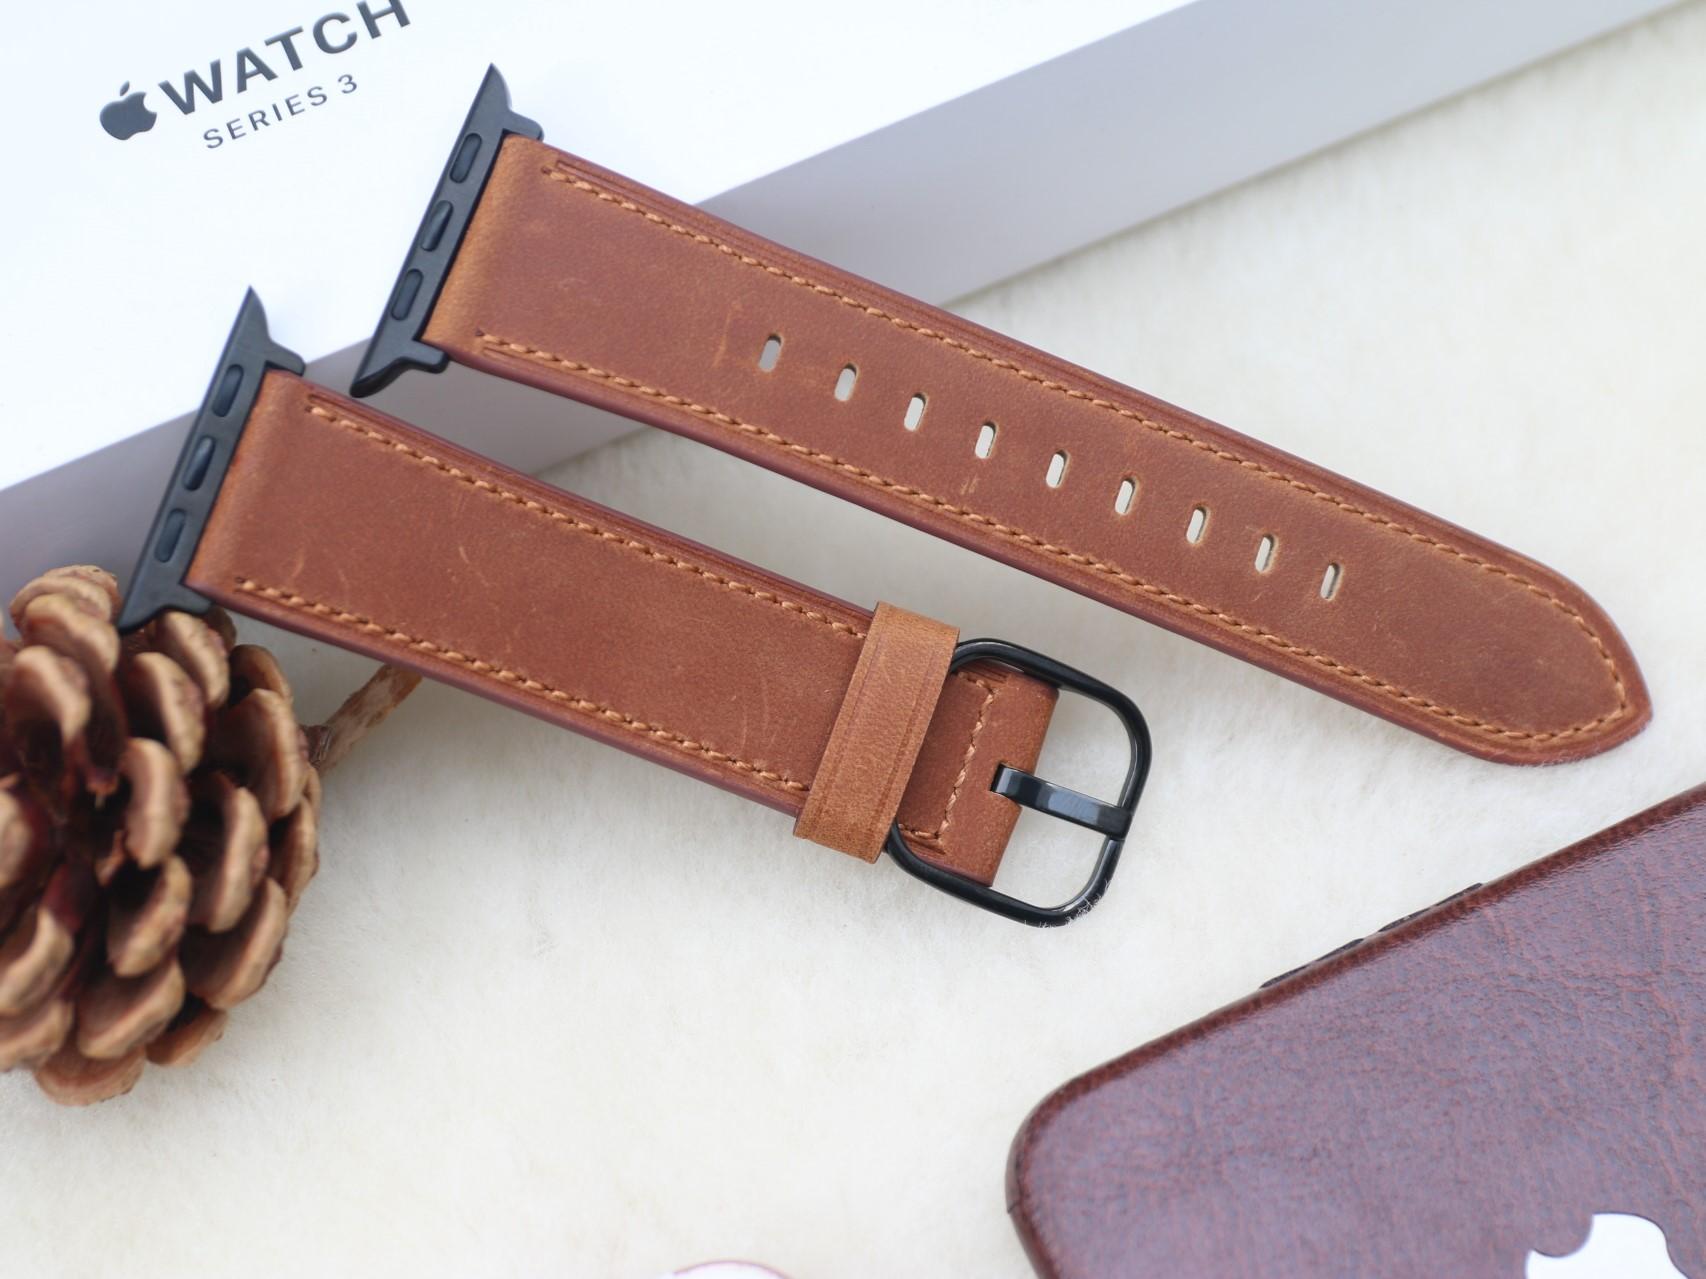 Dây Da Bò Cao Cấp chất da Mềm màu săc Nâu Ngựa, Nâu dành cho Apple Watch Size 38mm / 40mm / 42mm / 44mm